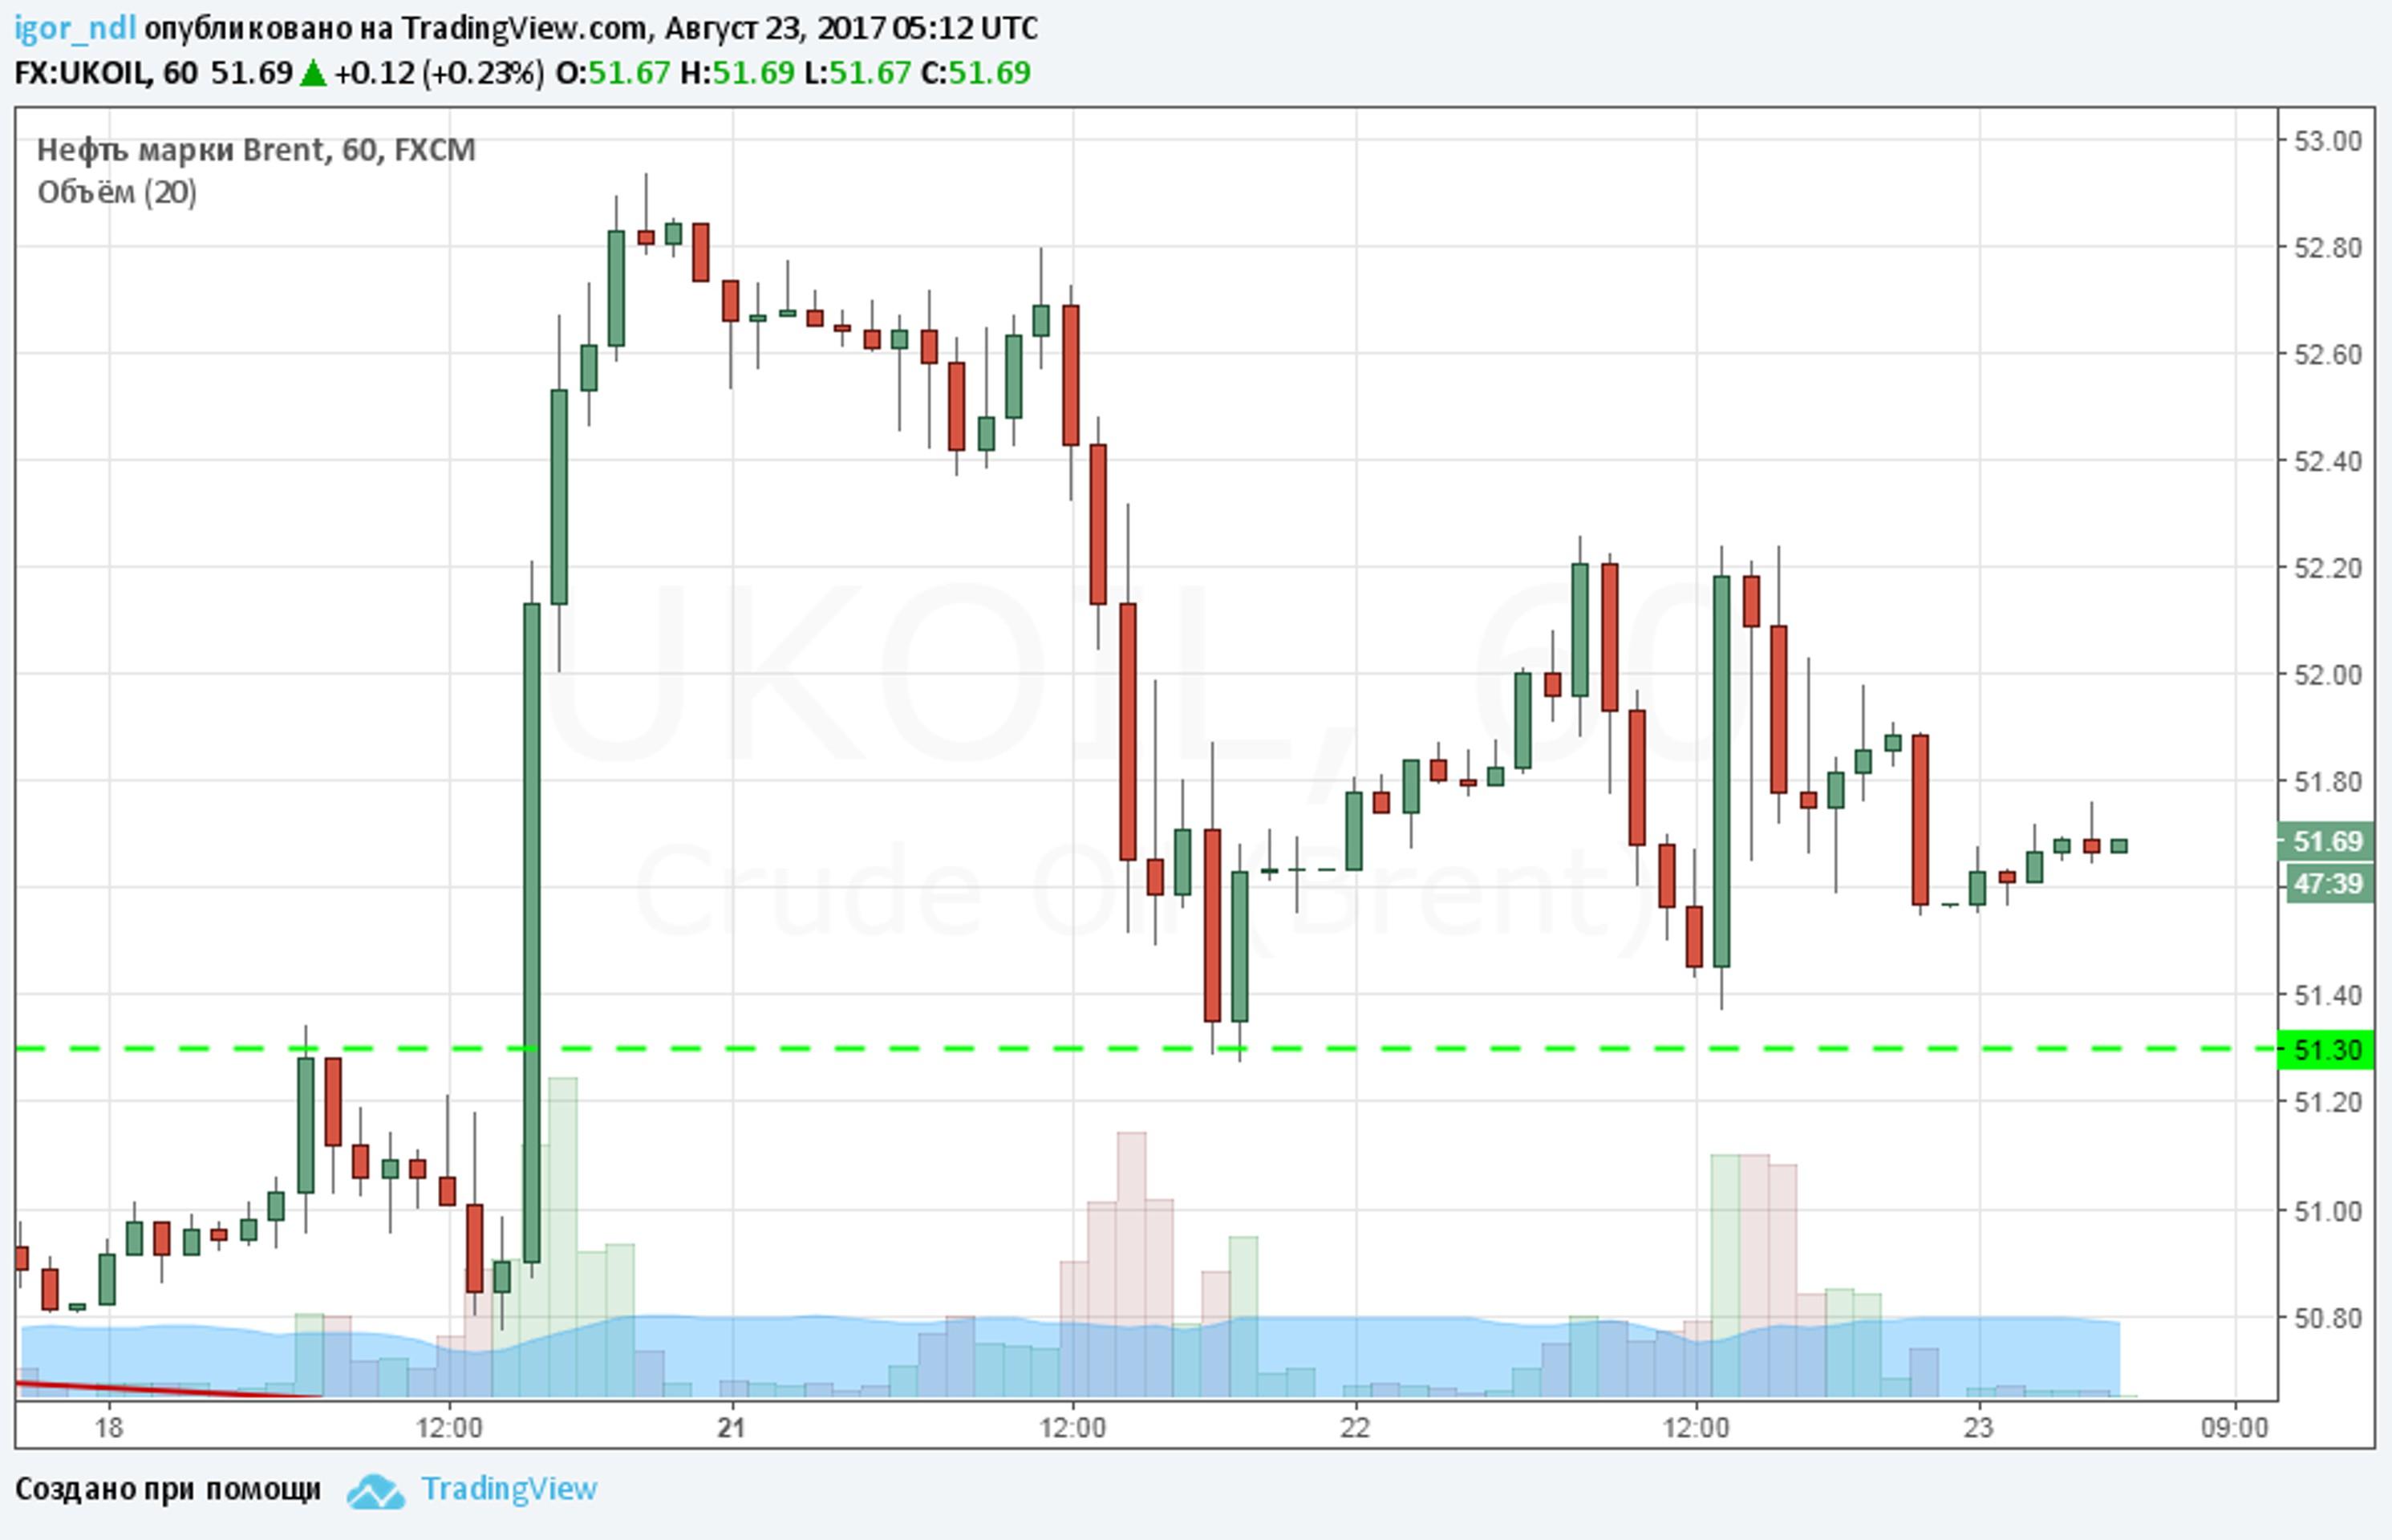 Рынок нефти готовится покорить новые высоты